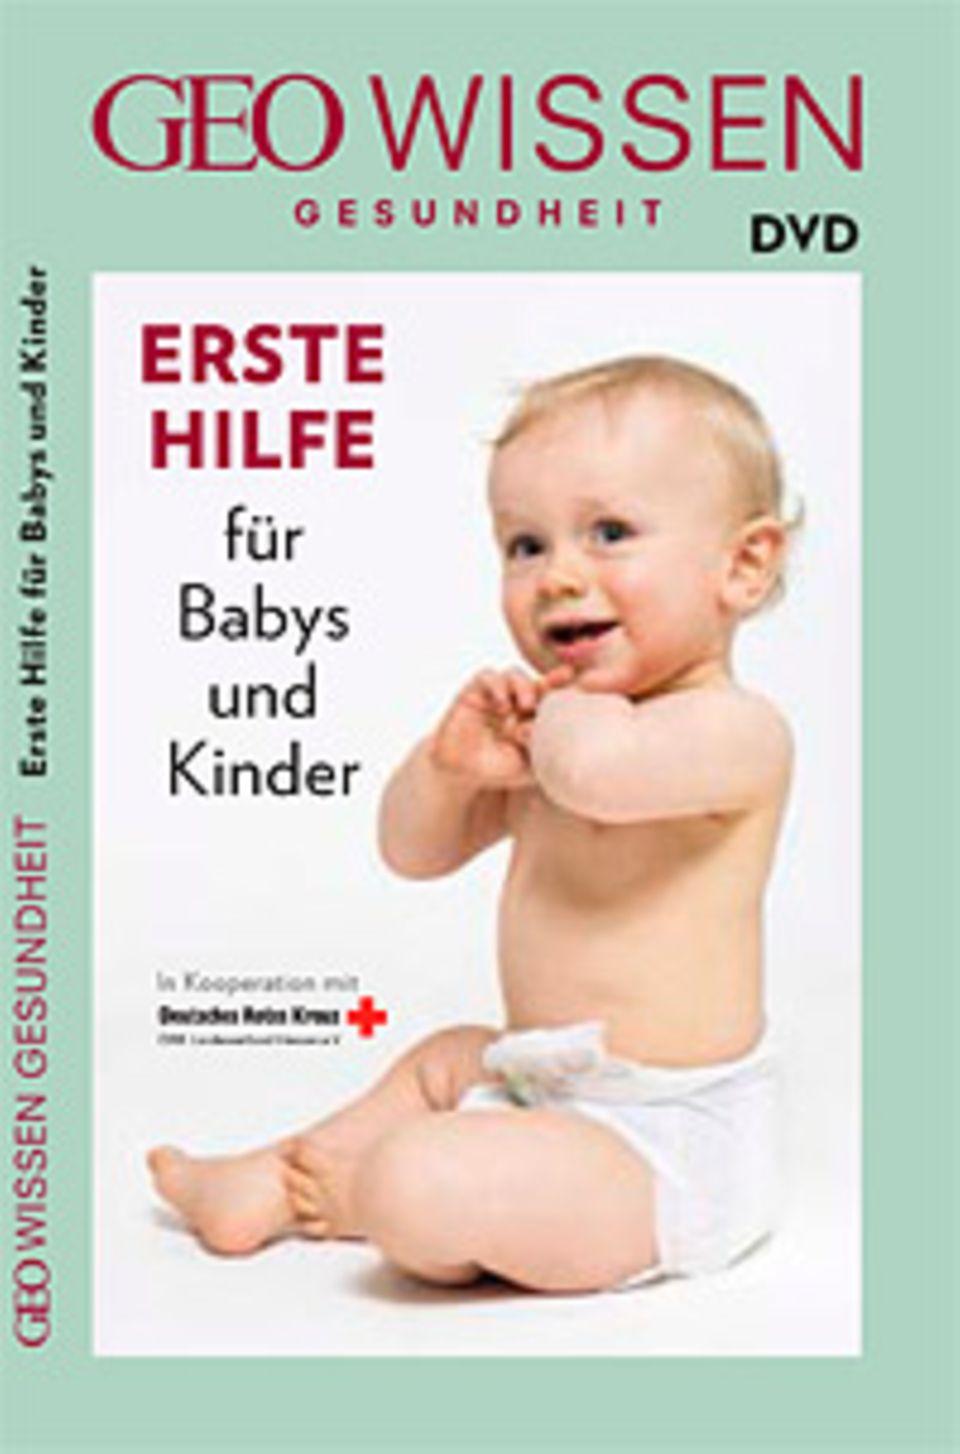 DVD: Hier geht's zur DVD-Ausgabe von GEO WISSEN Gesundheit Nr. 3